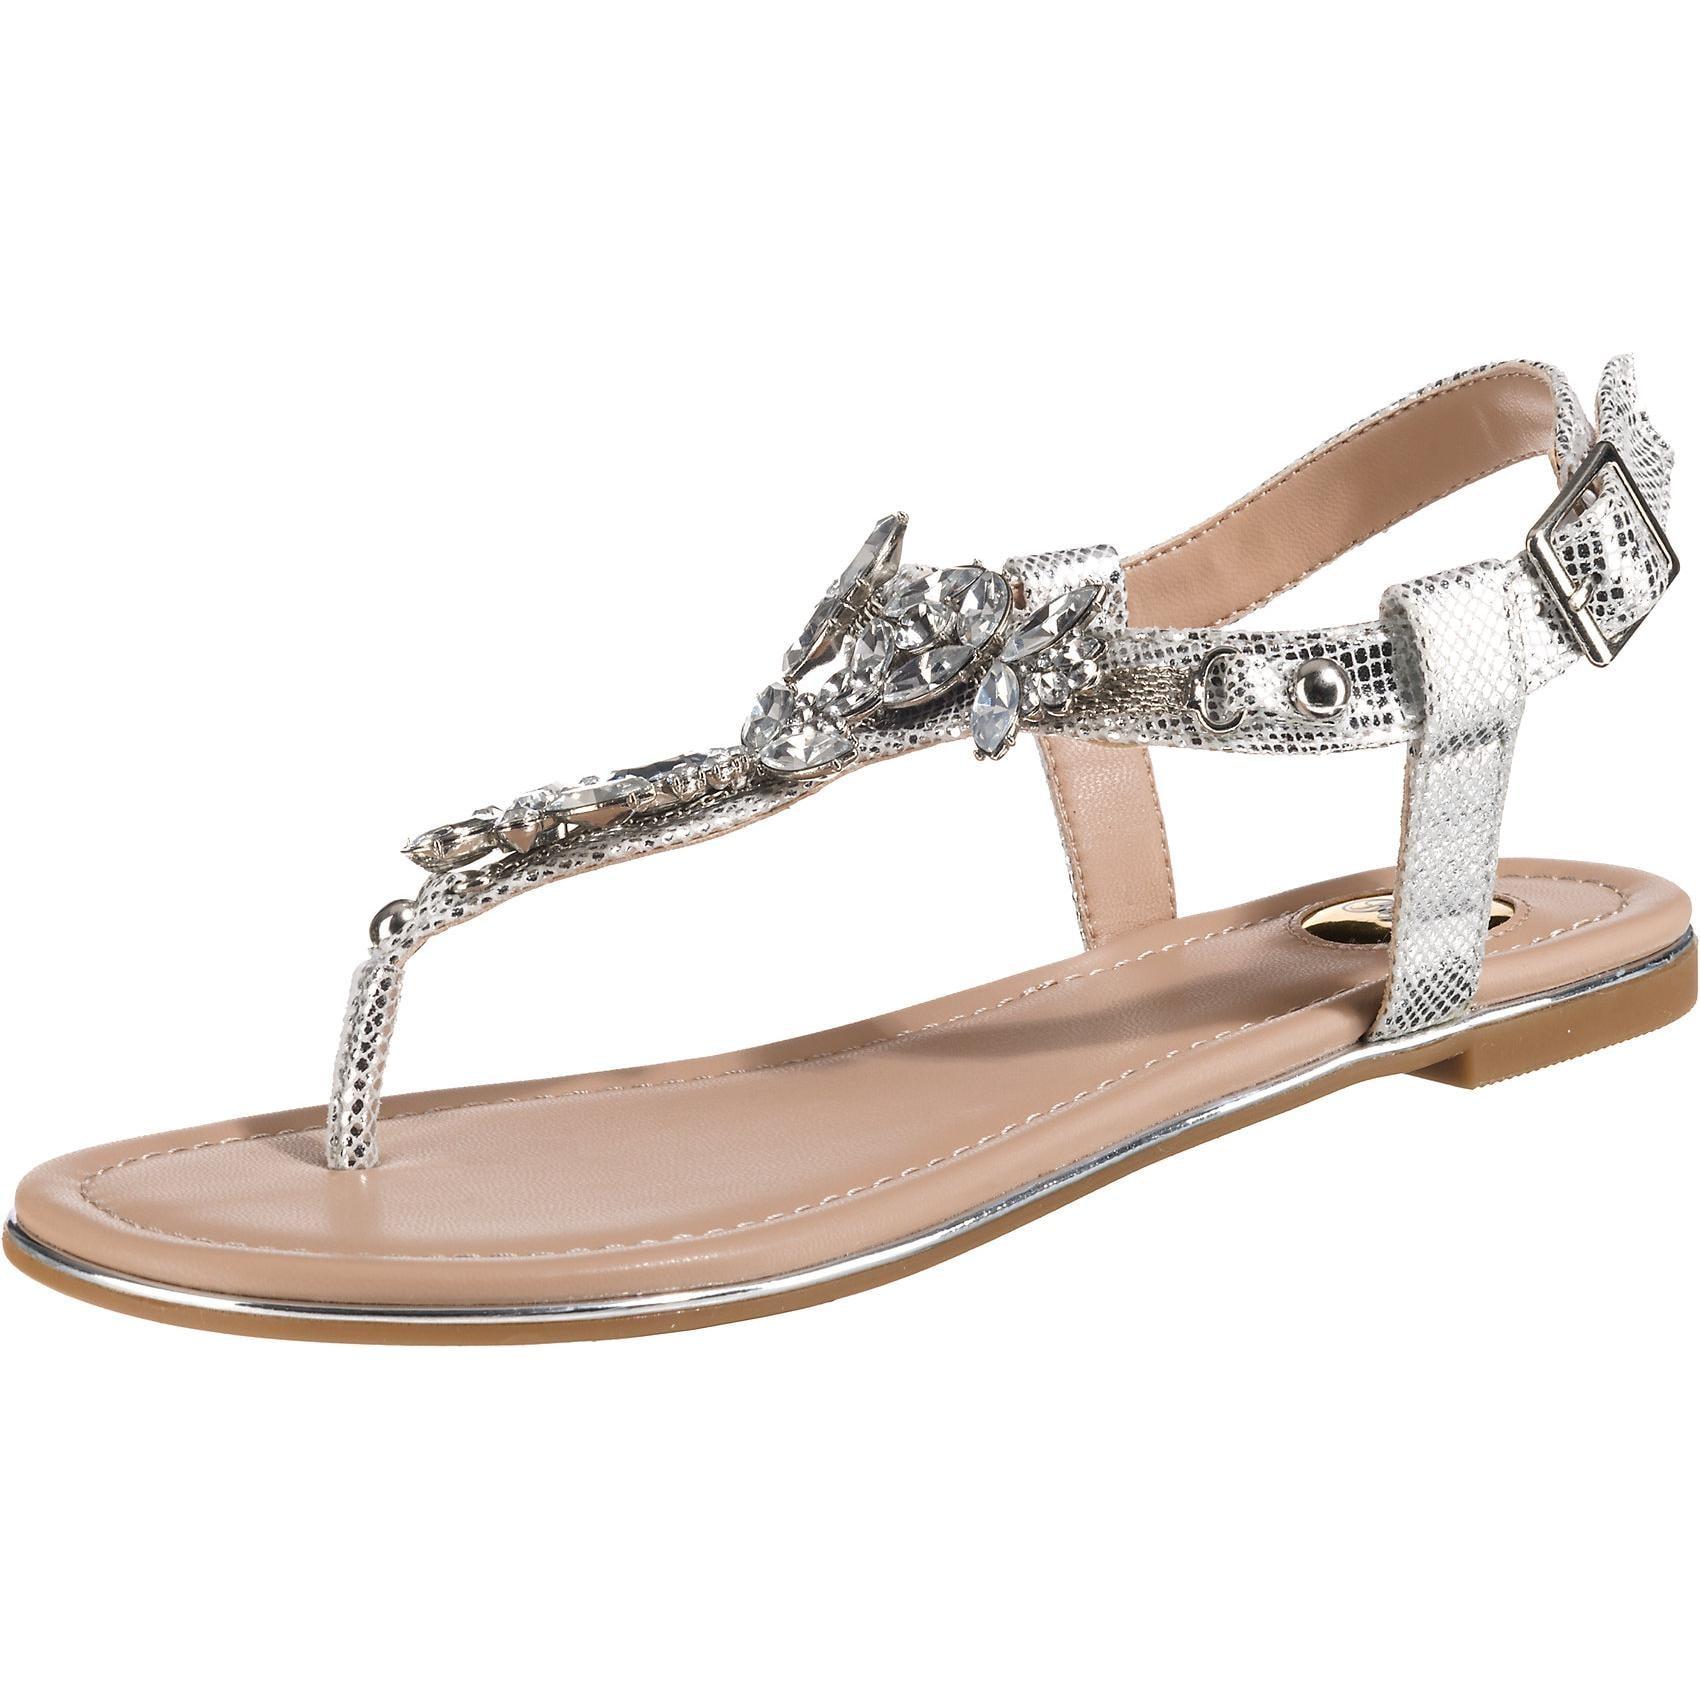 Damen Sandalen & Zehentrenner online bestellen » REWE